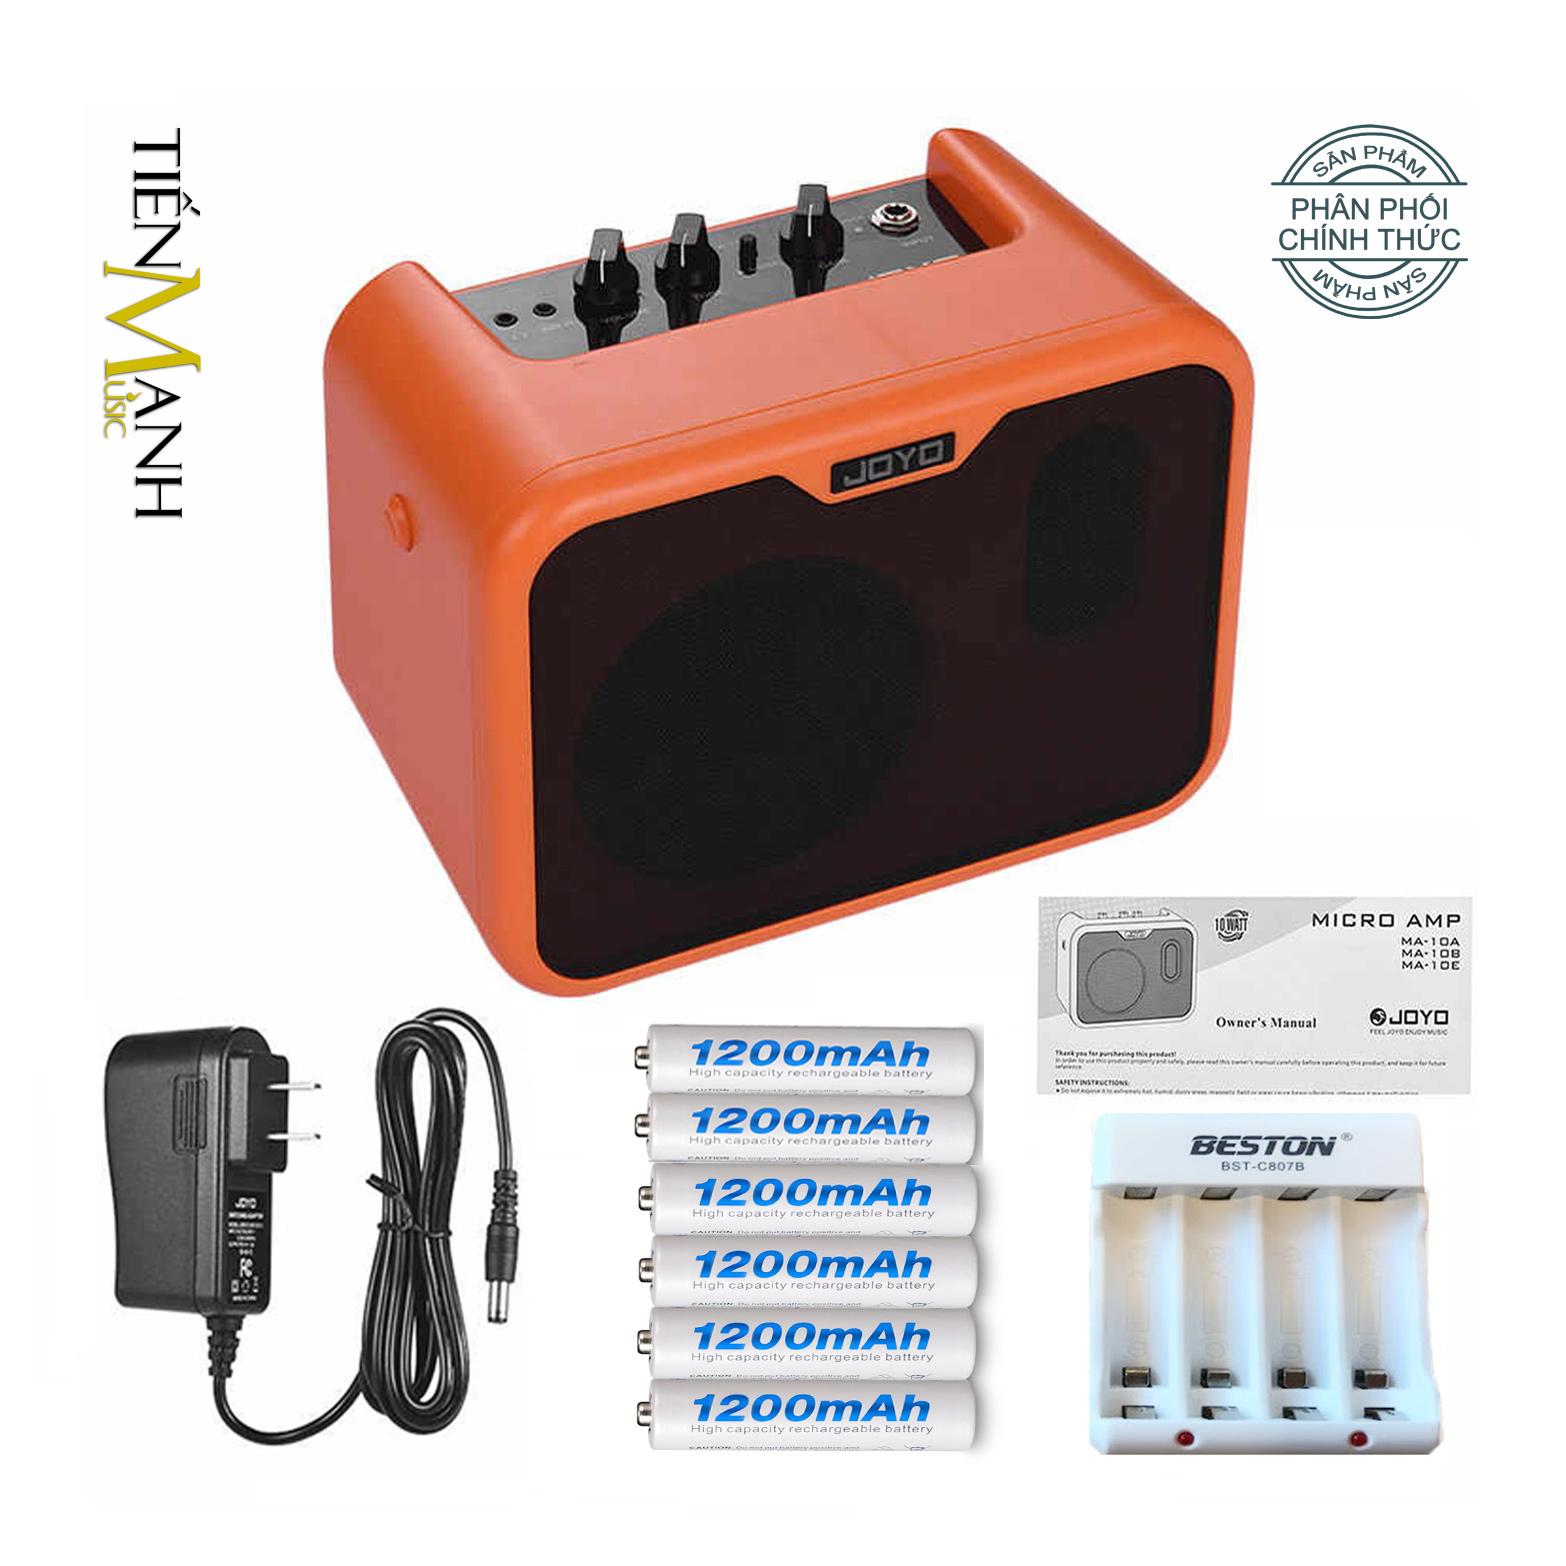 Ampli Đàn Guitar Acoustic Joyo 10W MA-10A - Nguồn, 6 Cục Pin Sạc, Bộ Sạc Pin - Loa Amply Nhạc Cụ Mộc Khuếch Đại Âm Thanh Amplifier